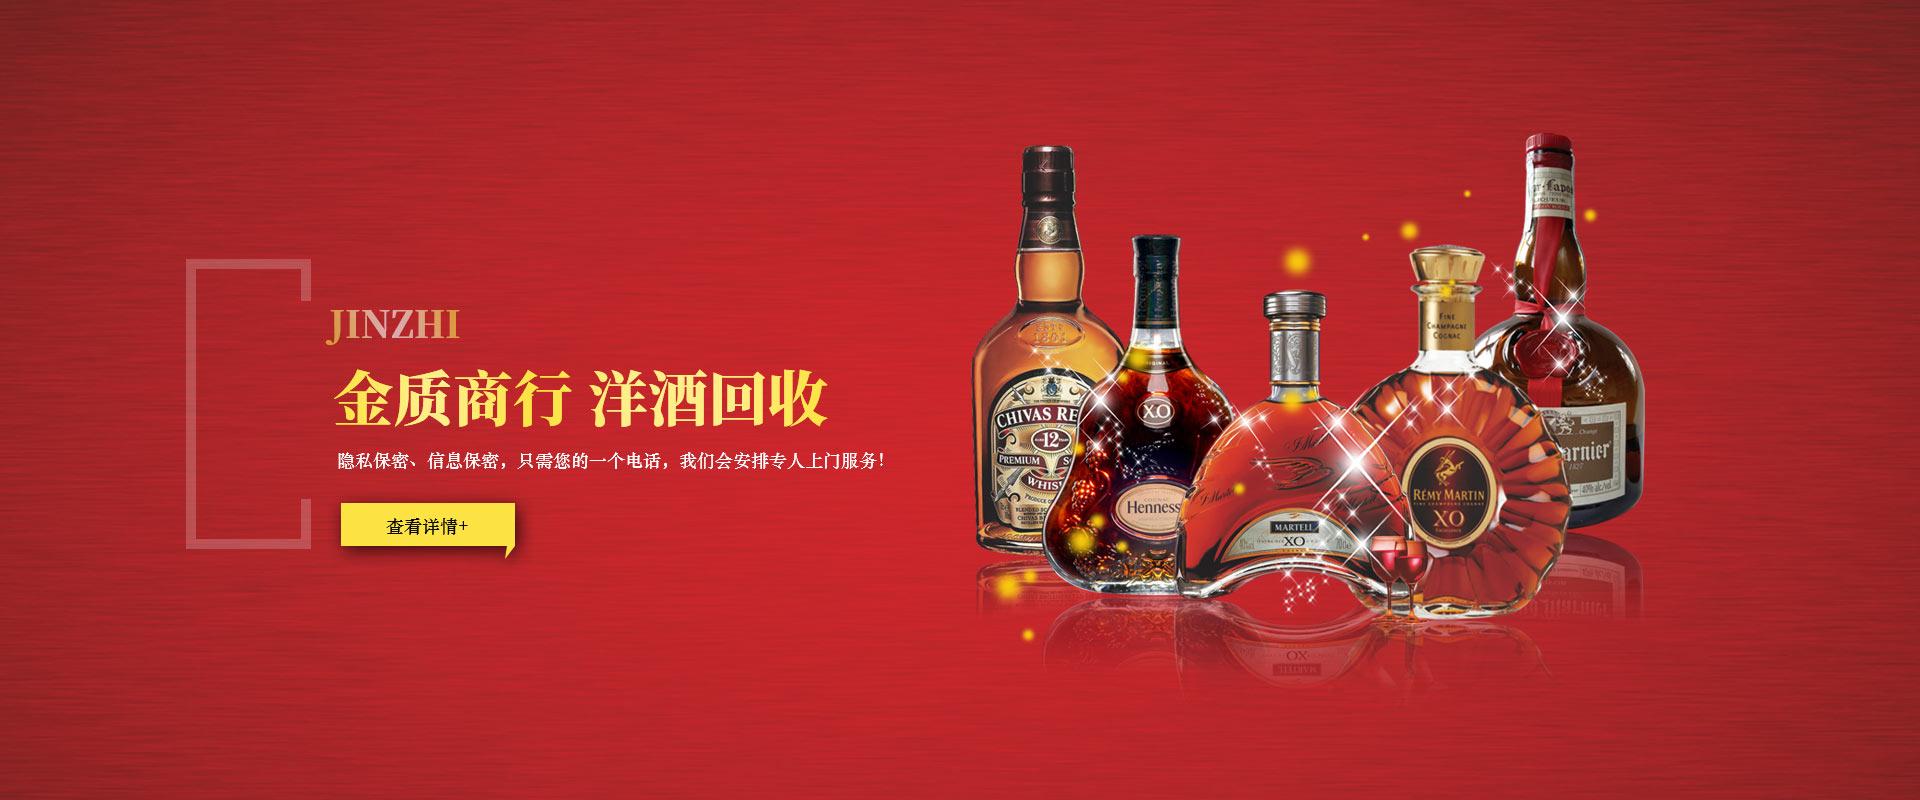 郑州洋酒回收